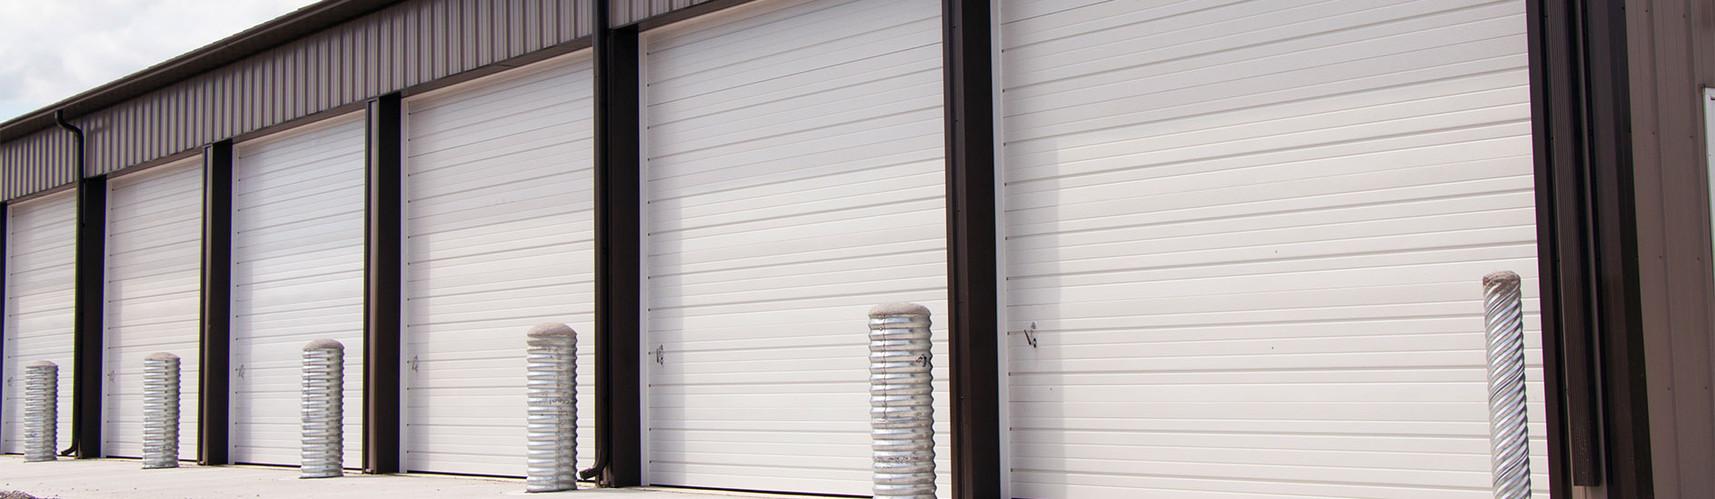 Commercial-Sectional-Door-2411.jpg